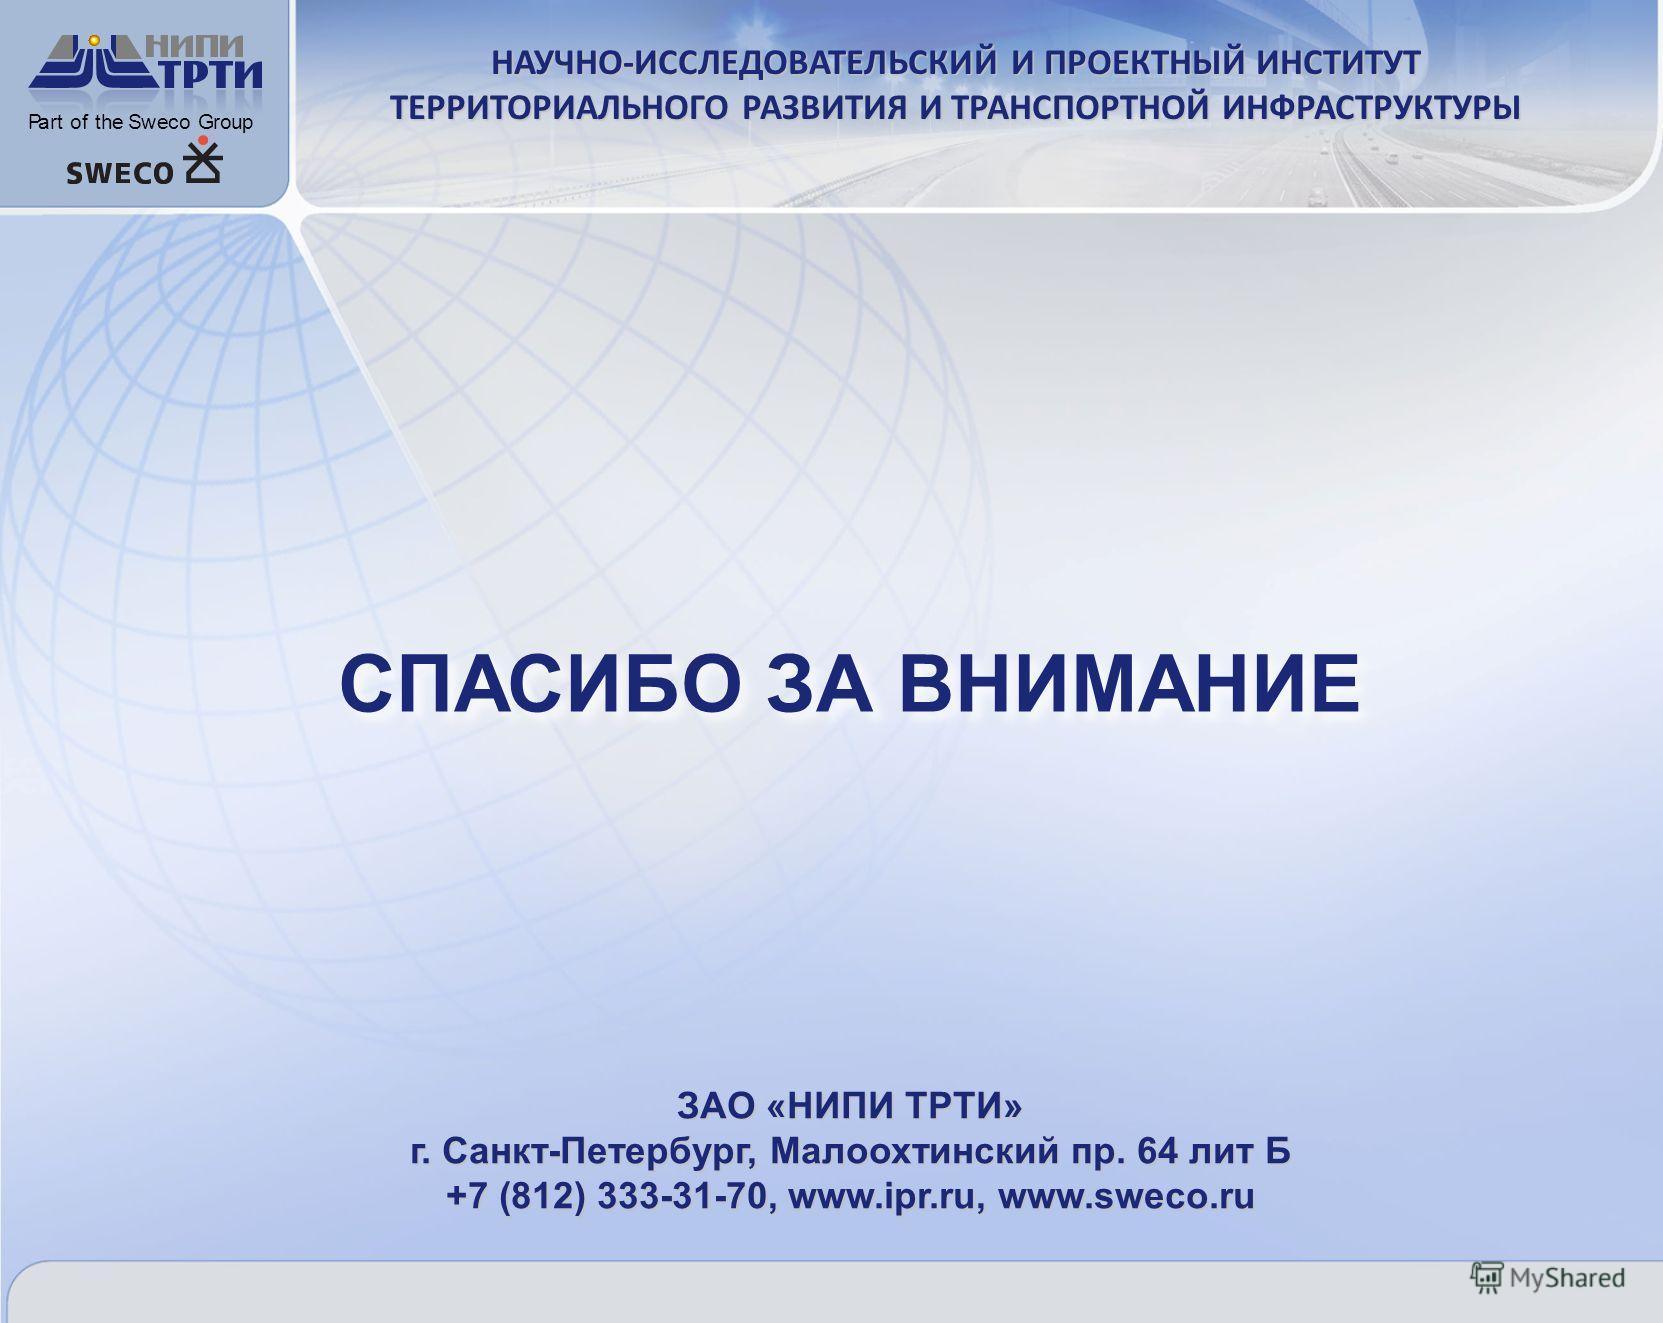 СПАСИБО ЗА ВНИМАНИЕ PartoftheSwecoGroup НАУЧНО-ИССЛЕДОВАТЕЛЬСКИЙ И ПРОЕКТНЫЙ ИНСТИТУТ ТЕРРИТОРИАЛЬНОГО РАЗВИТИЯ И ТРАНСПОРТНОЙ ИНФРАСТРУКТУРЫ ЗАО «НИПИ ТРТИ» г. Санкт-Петербург, Малоохтинский пр. 64 лит Б +7 (812) 333-31-70, www.ipr.ru, www.sweco.ru